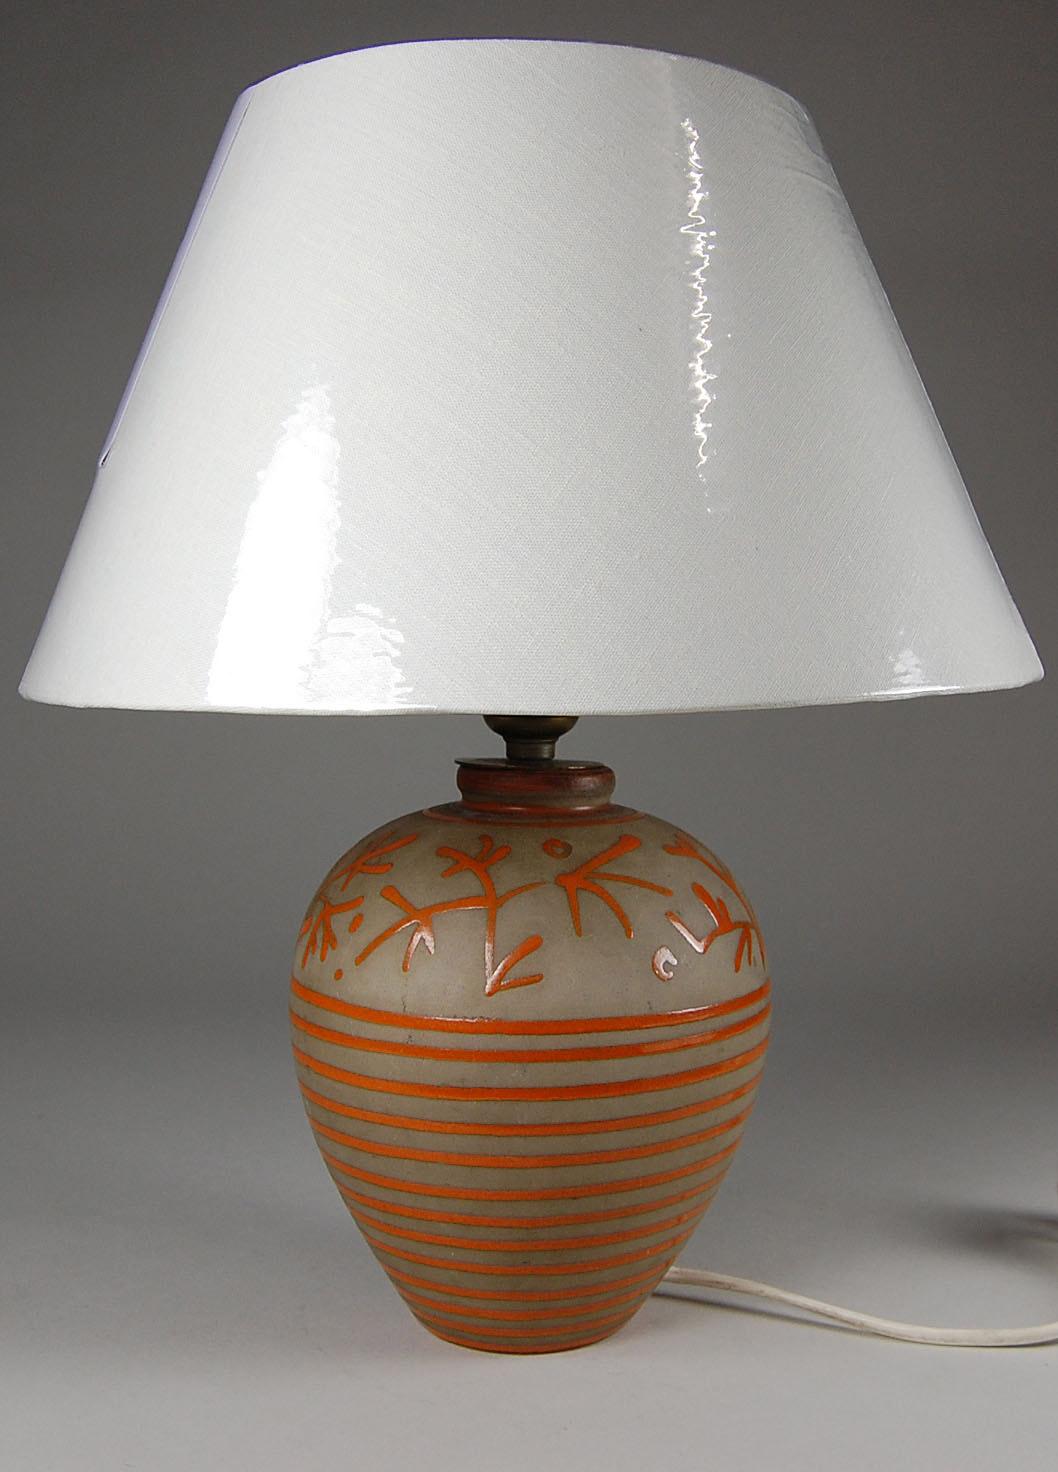 Nittsj keramik tischleuchte 825 - Keramik tischleuchte ...